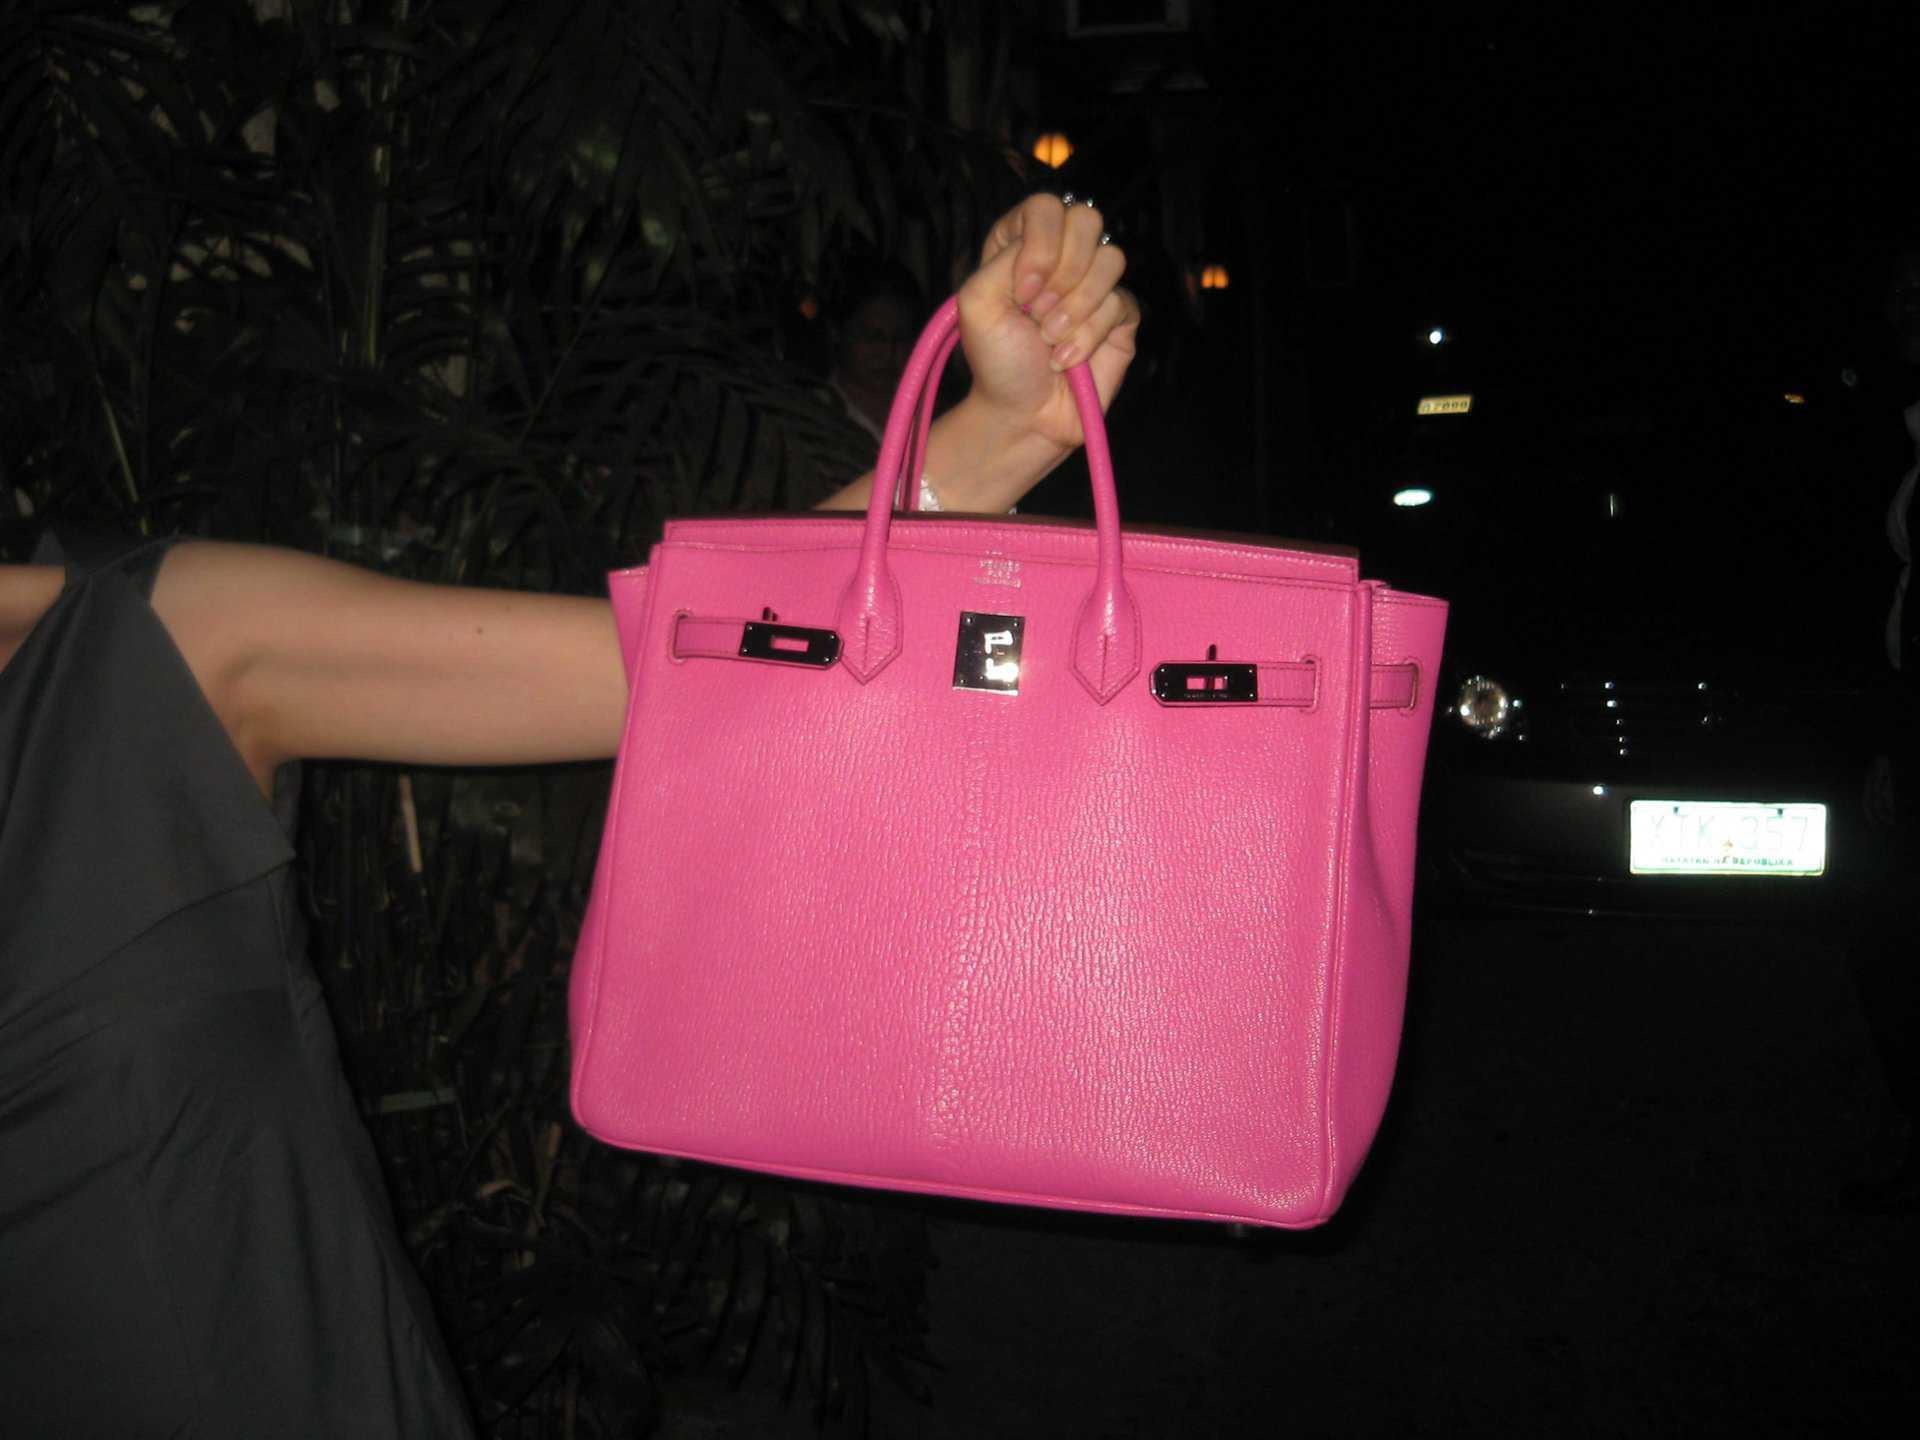 Hermès sac Birkin